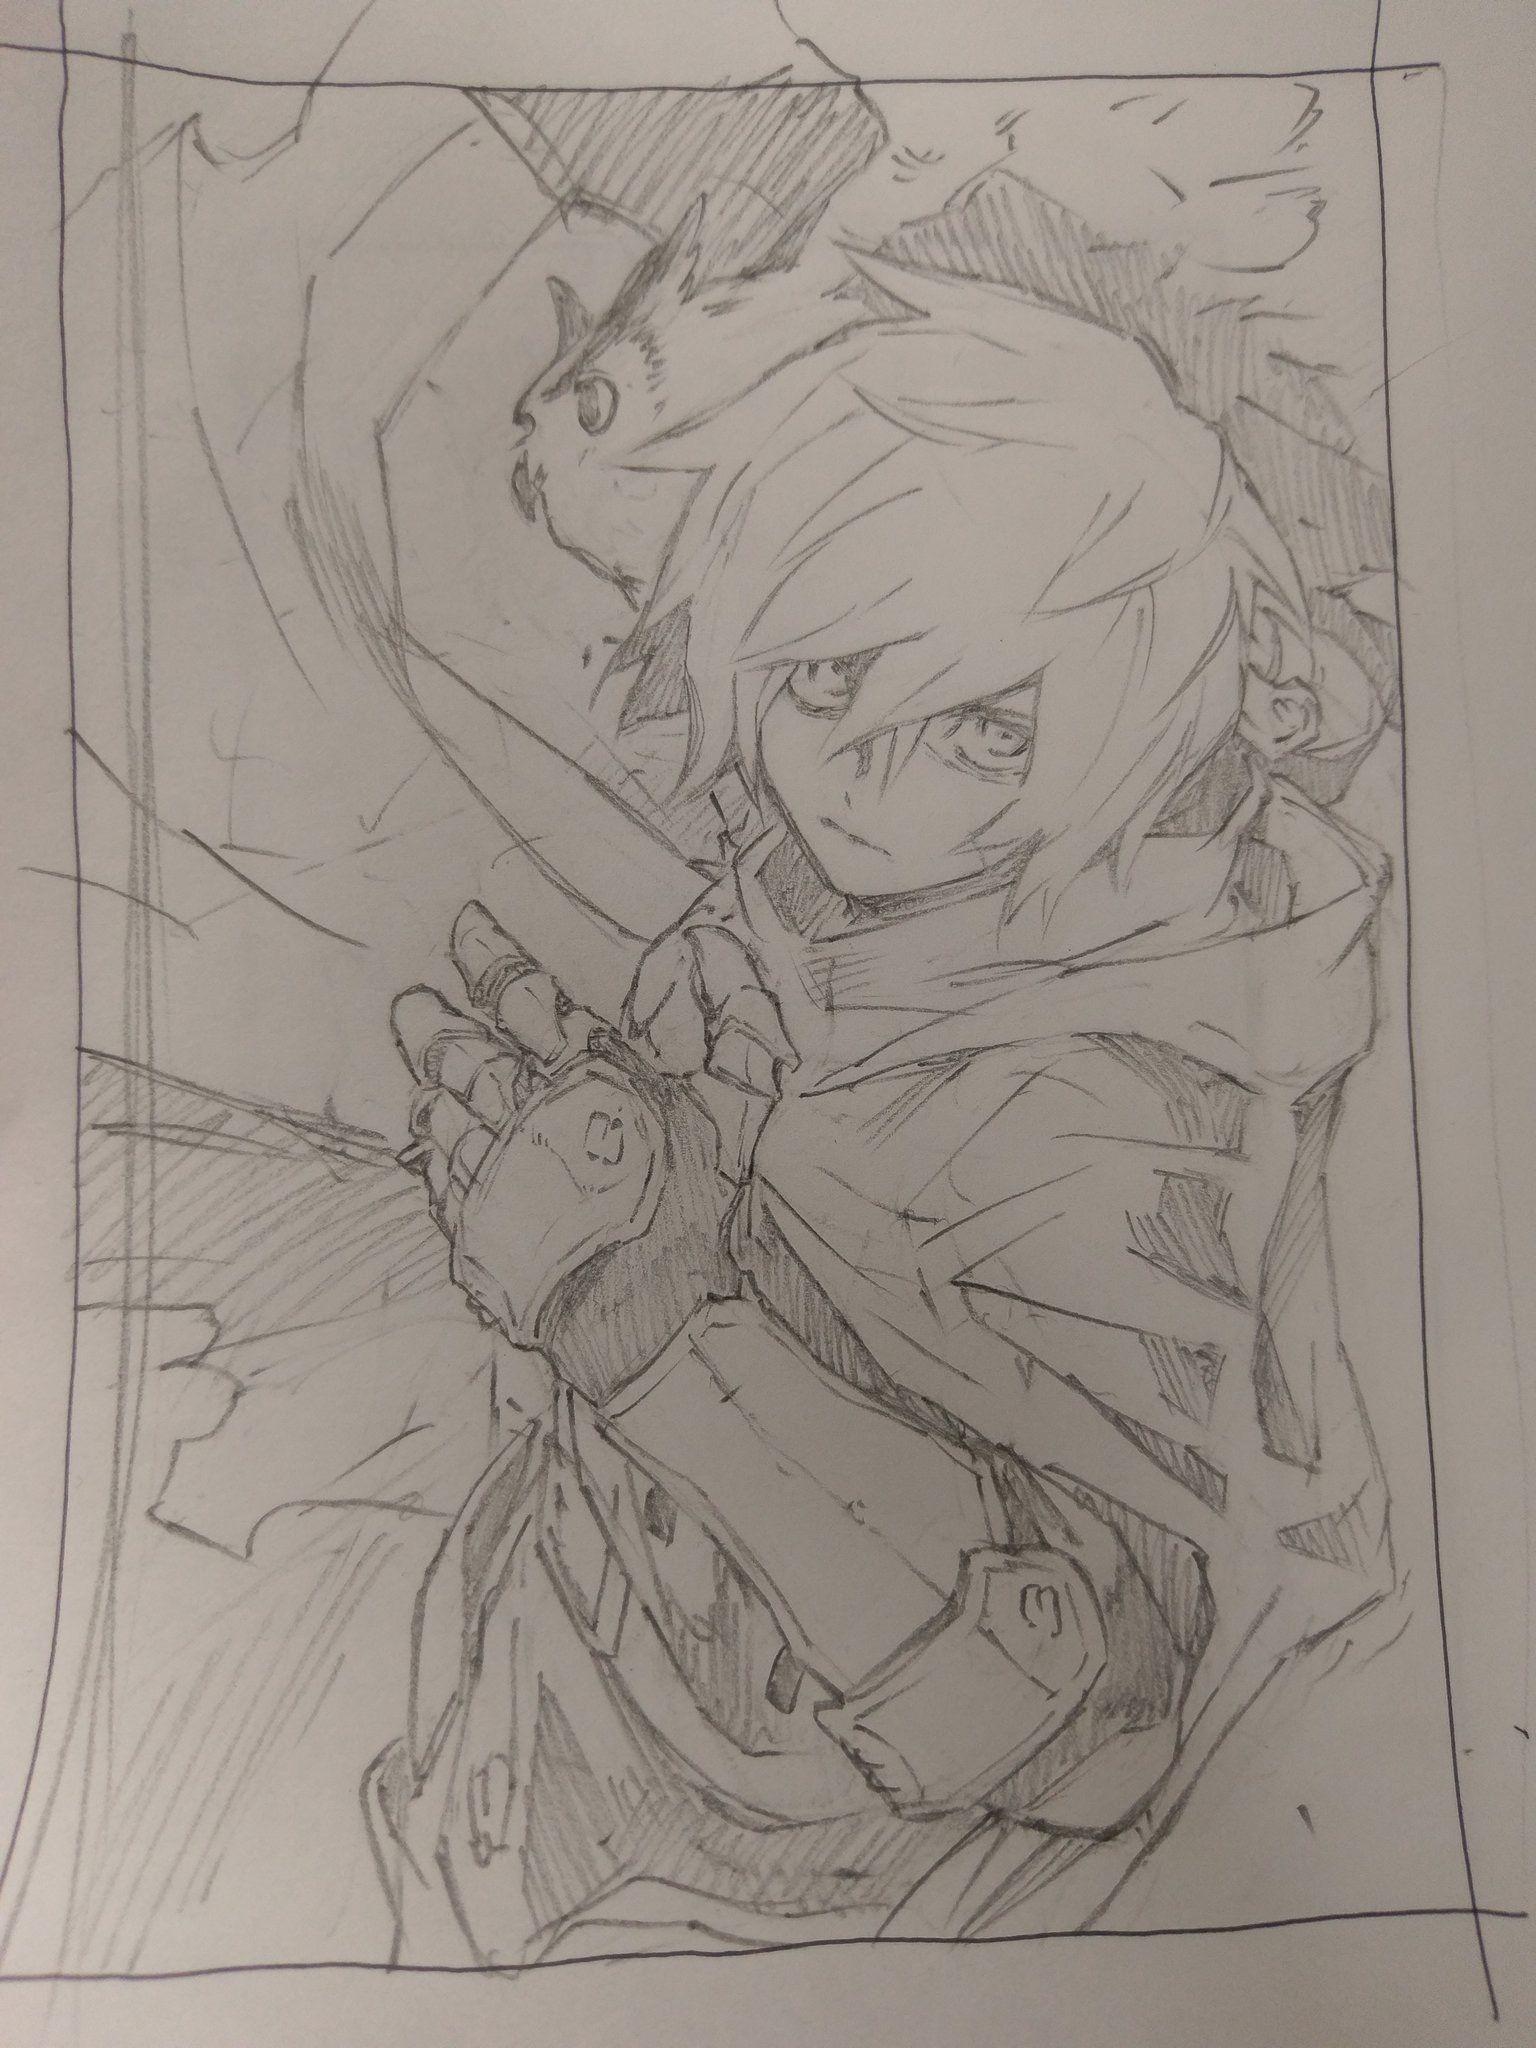 Ayanashi Artist On Twitter Kajimoto Y Anime Manga Sketch Anime Drawings Sketches Character Drawing Anime Sketch